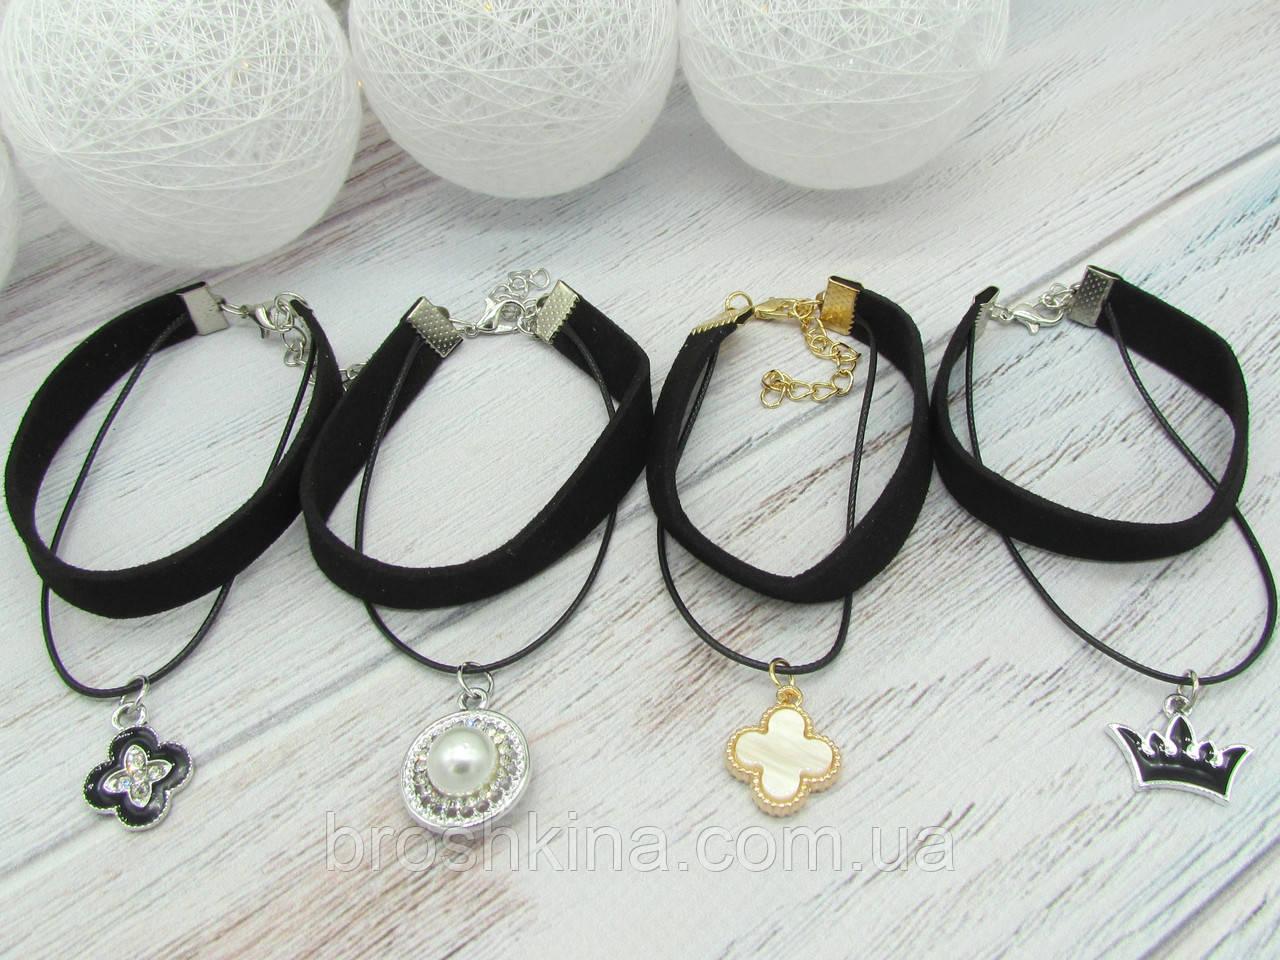 Женские замшевые браслеты 4 шт/уп. разные модели